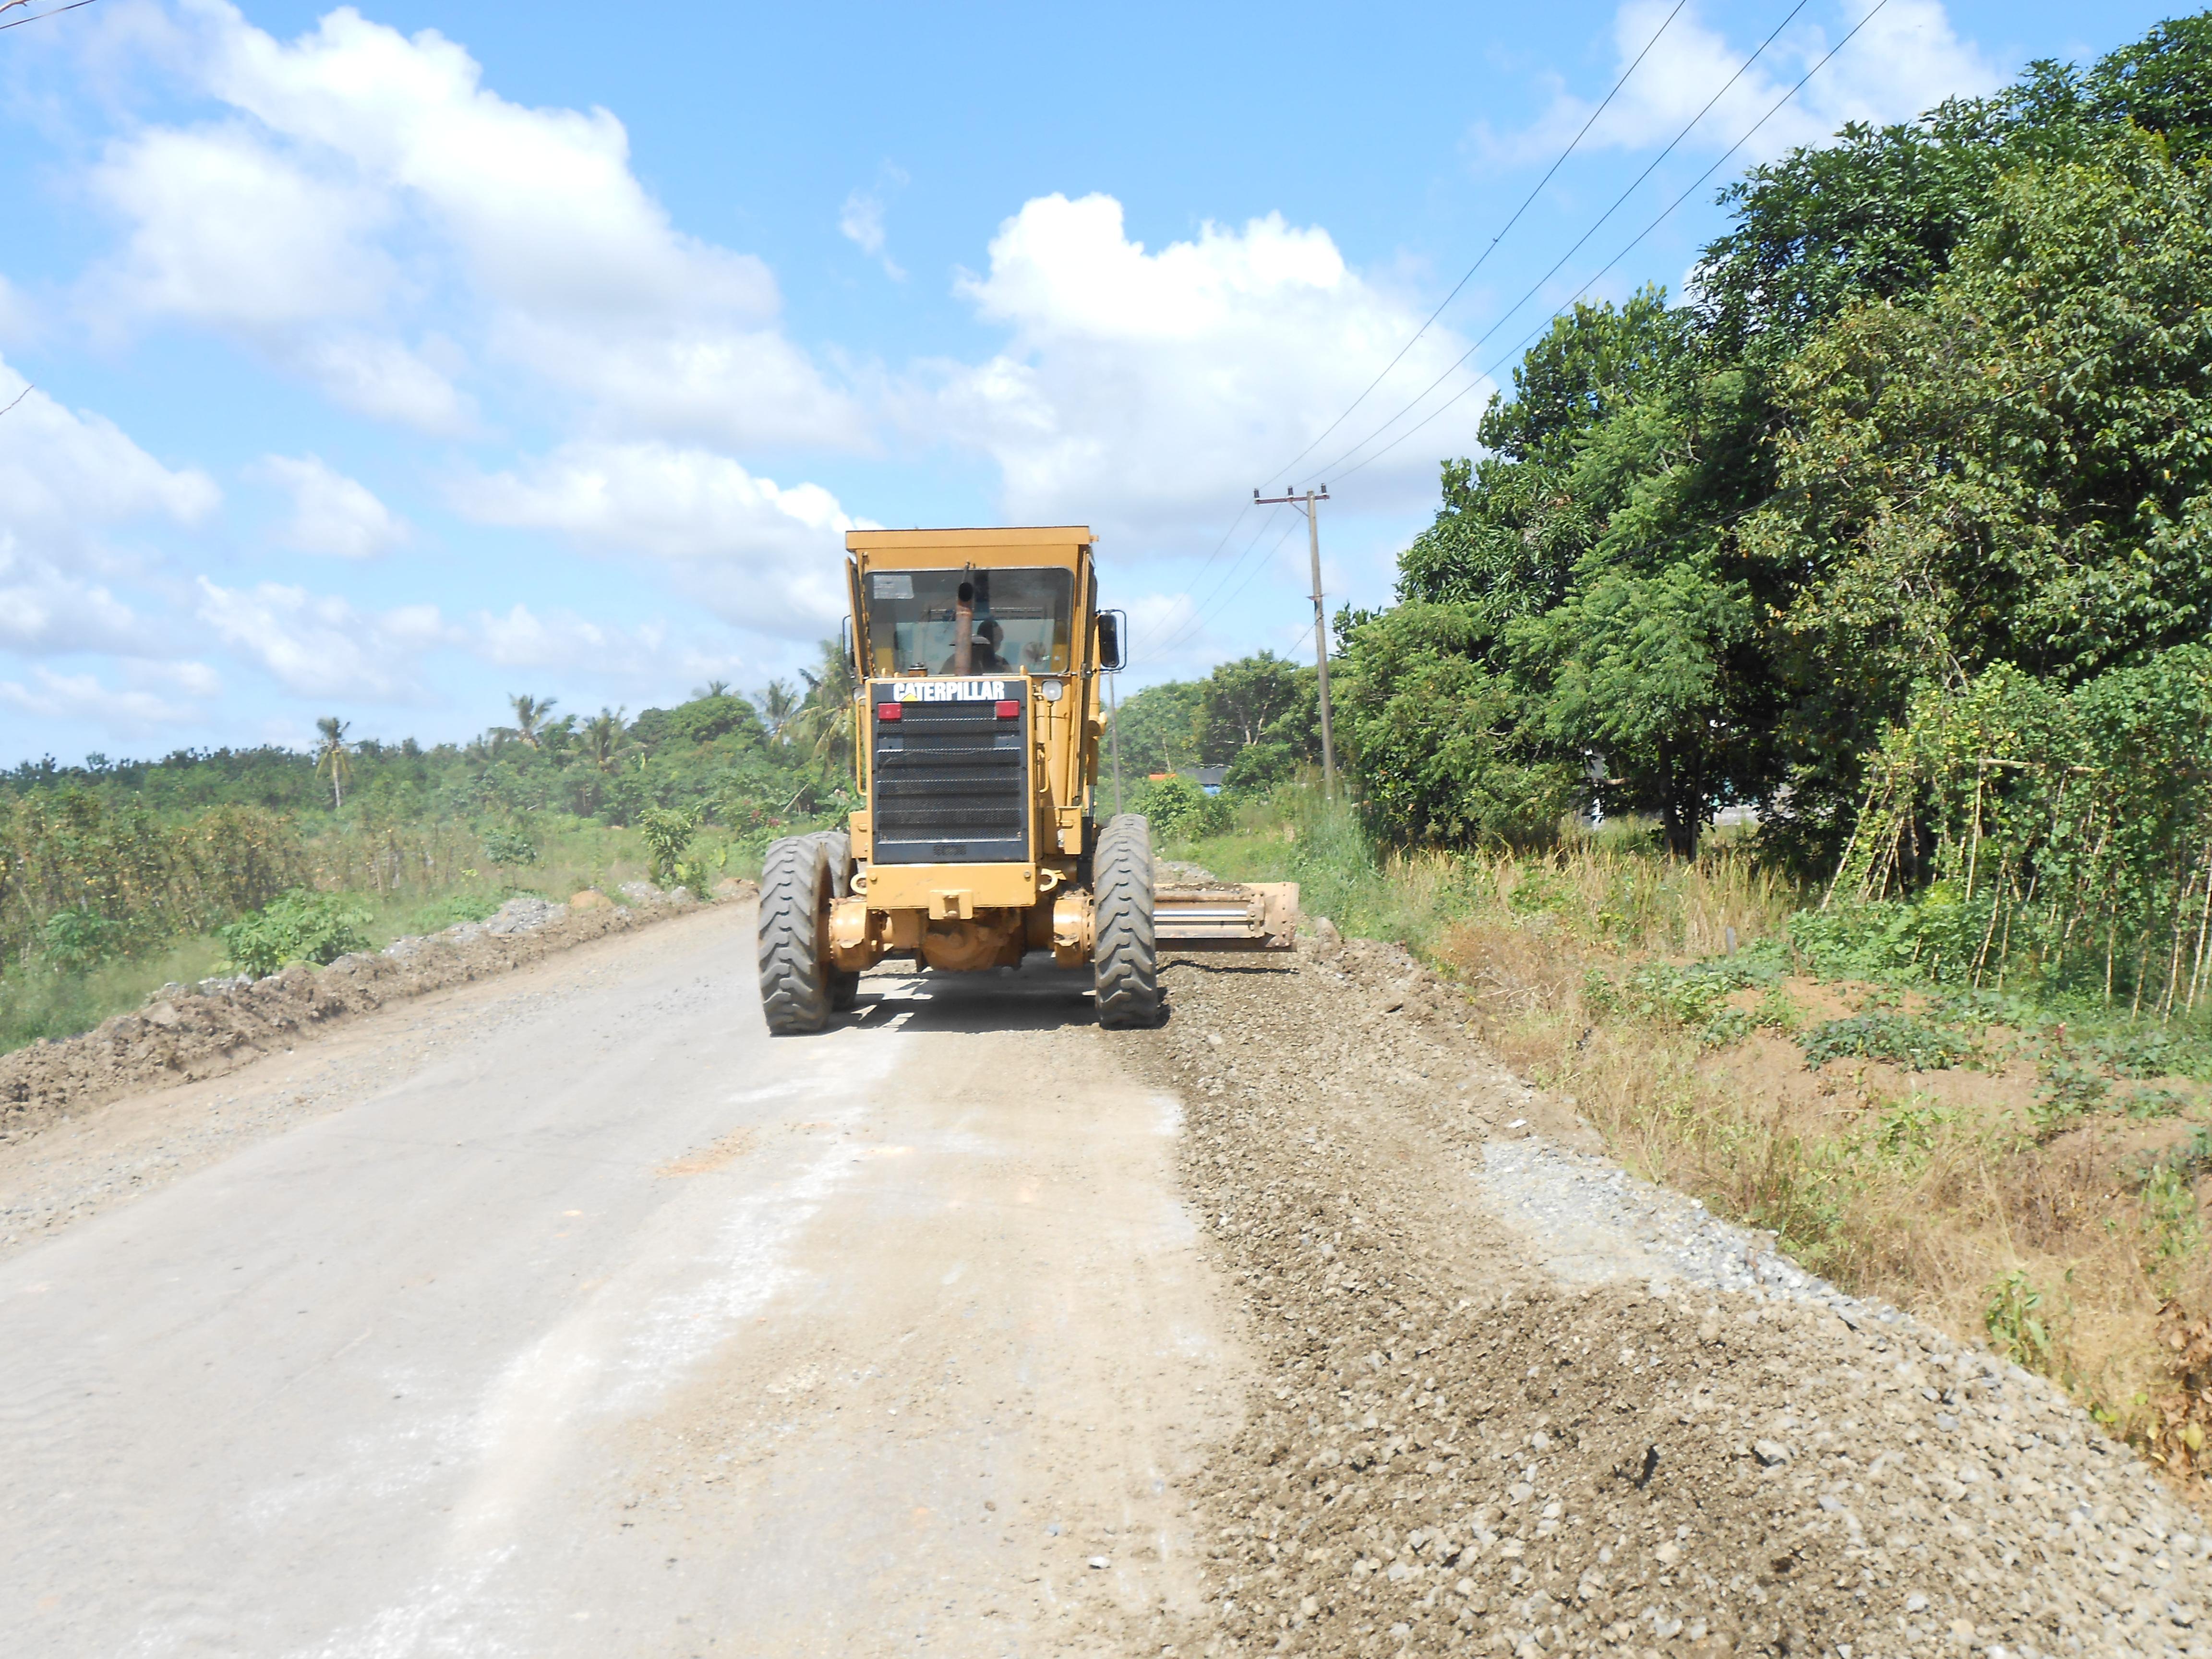 motor grader, Construction, Grader, Mining, Road, HQ Photo